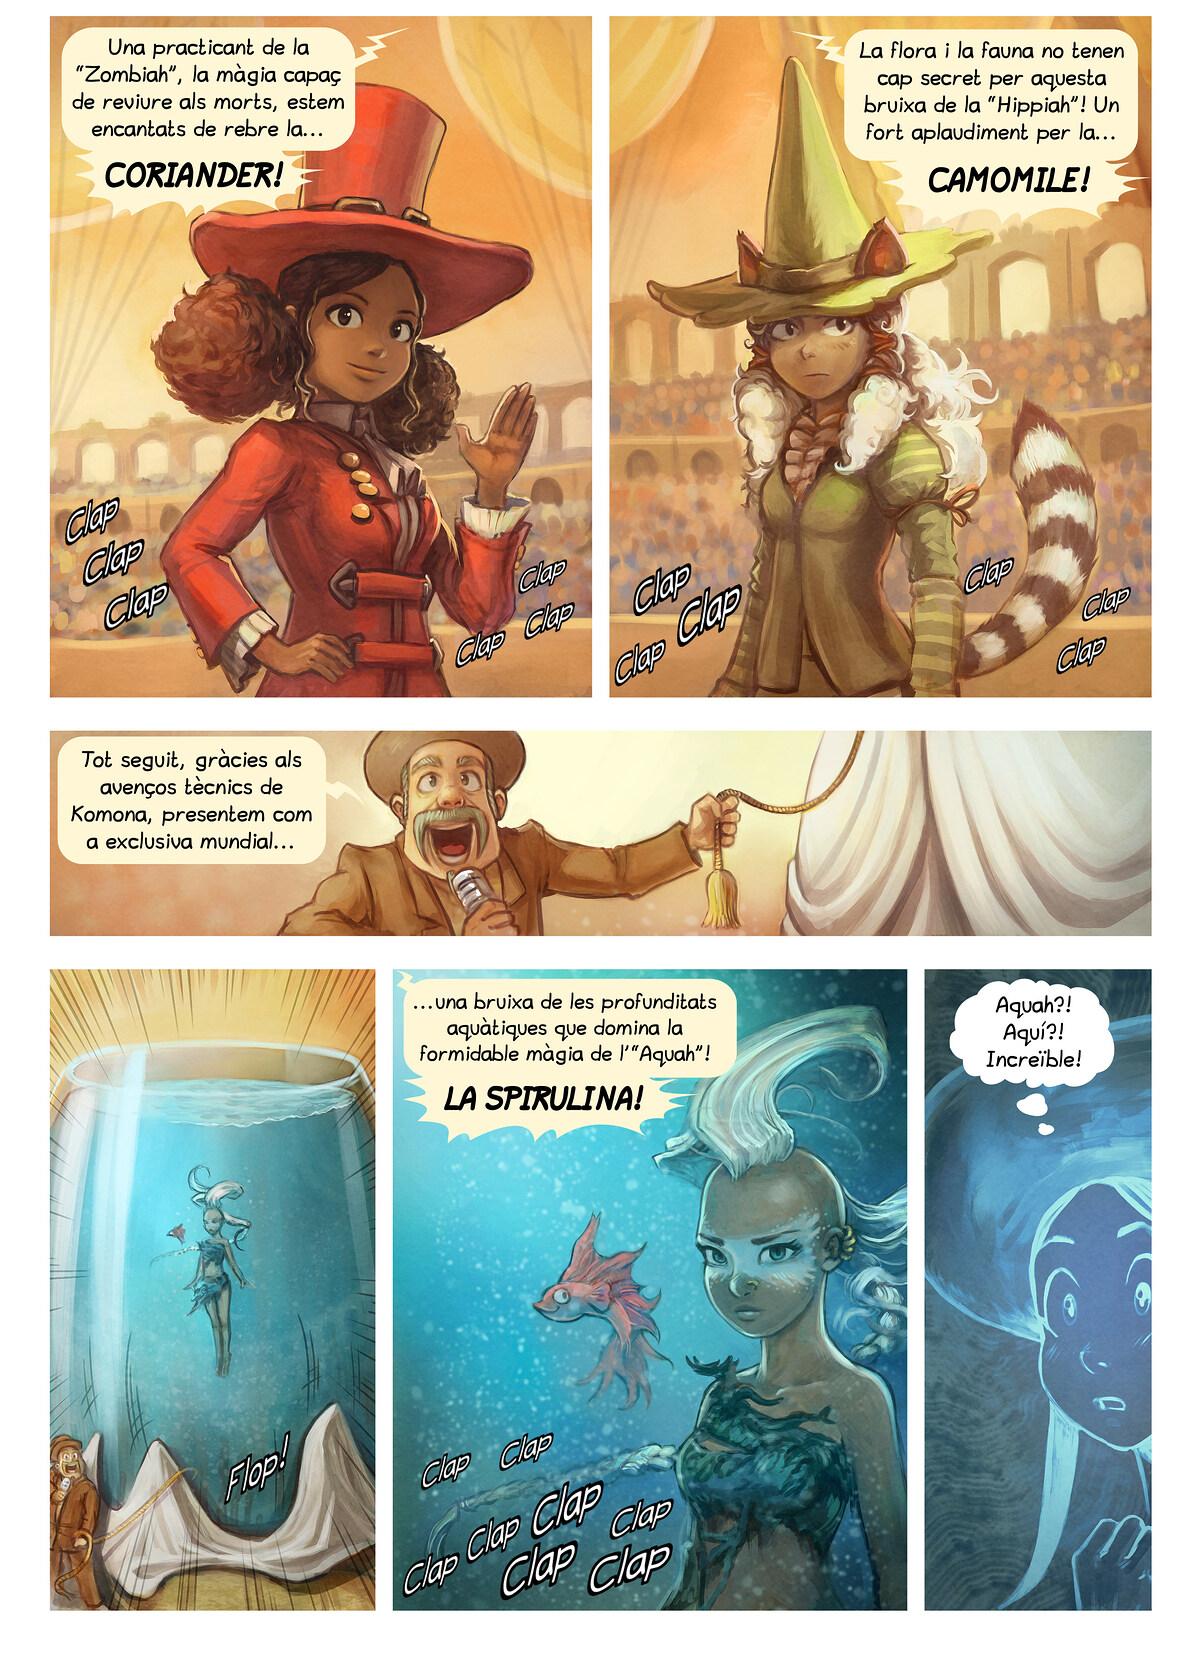 A webcomic page of Pepper&Carrot, episodi 21 [ca], pàgina 4